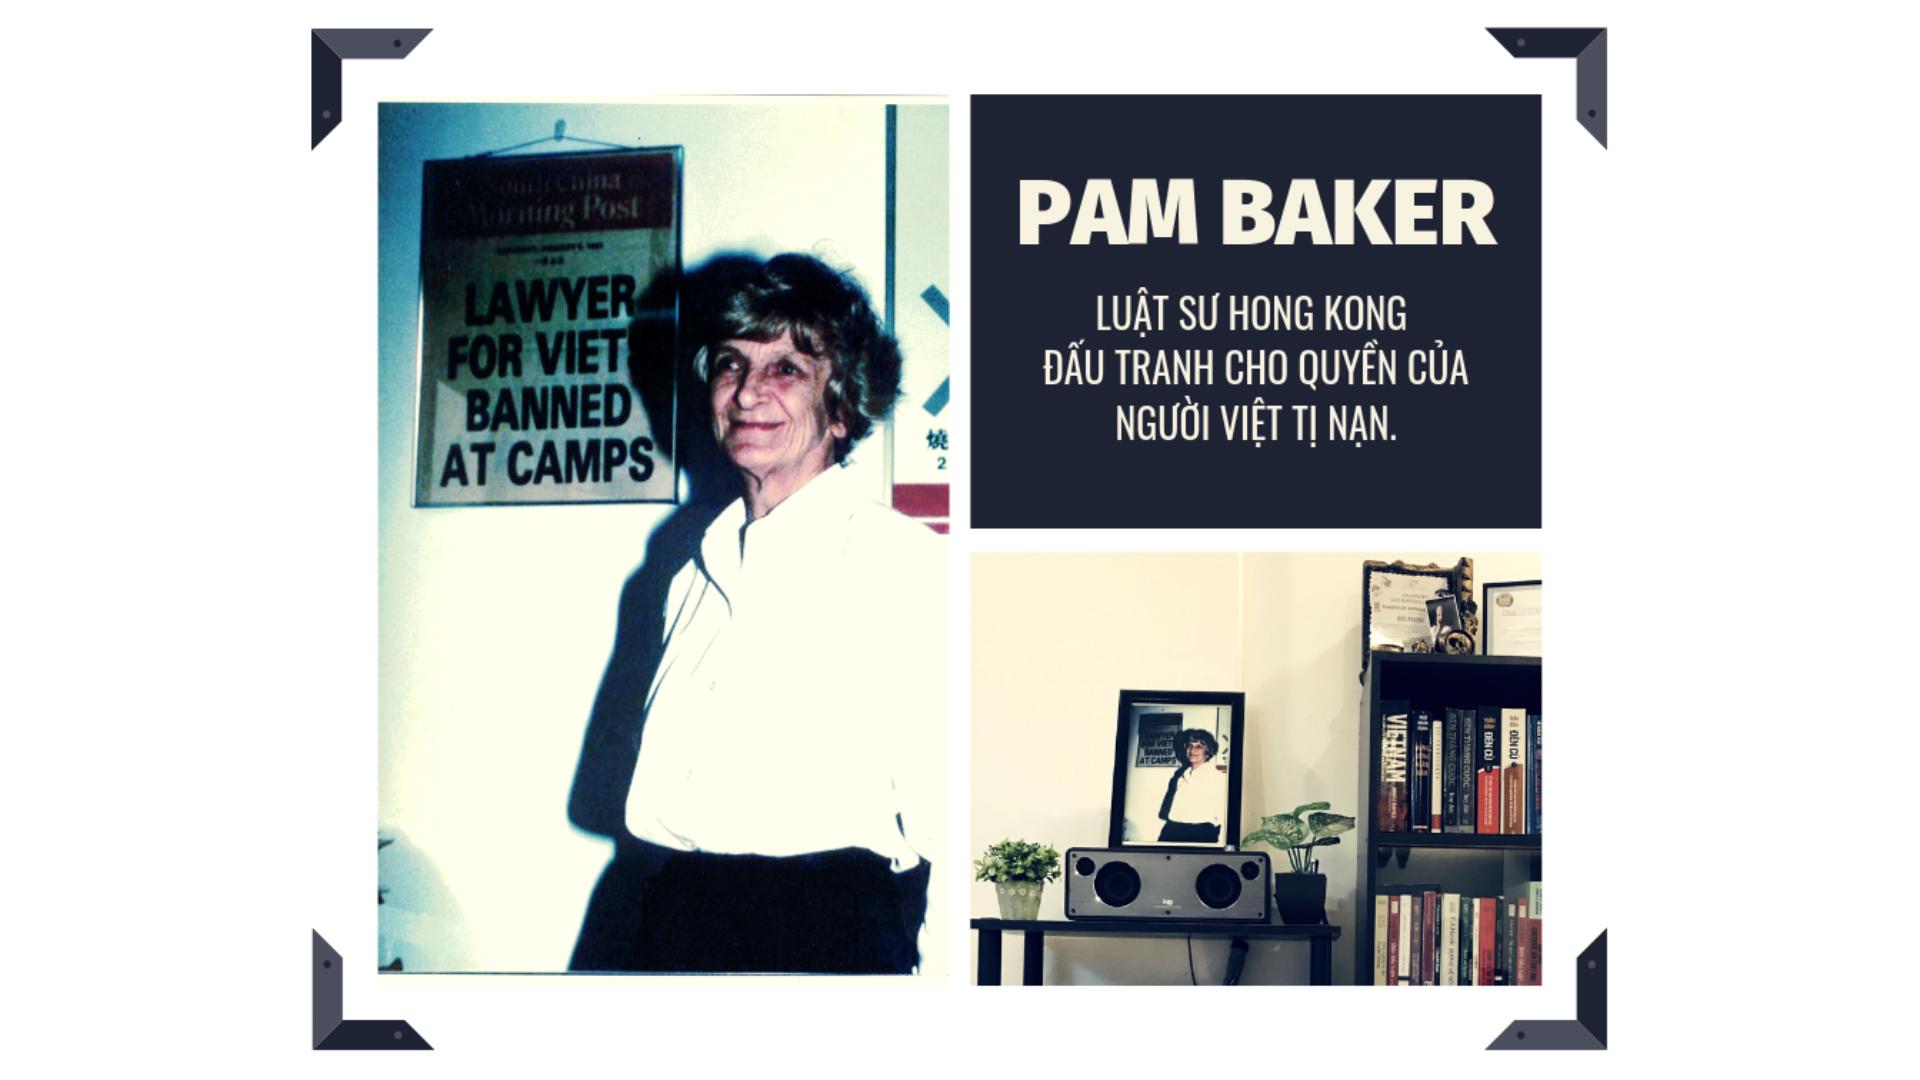 (Tiếng Việt) Pam Baker – Người luật sư đấu tranh cho quyền của người Việt tị nạn ở Hong Kong